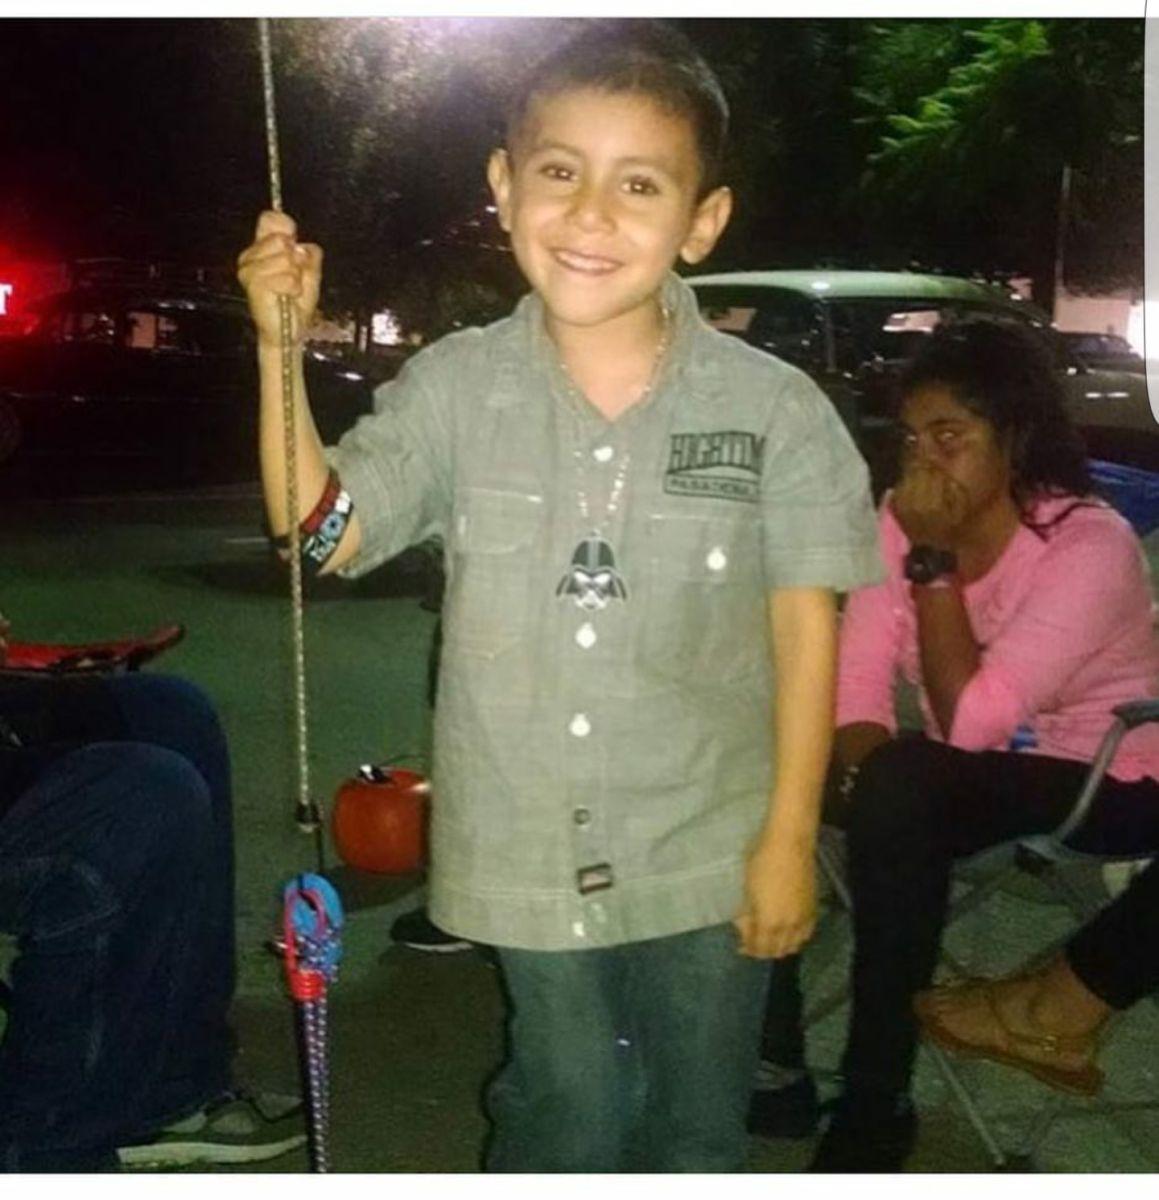 Muerte de 'Chavita' en tiroteo en Altadena deja devastación y temor